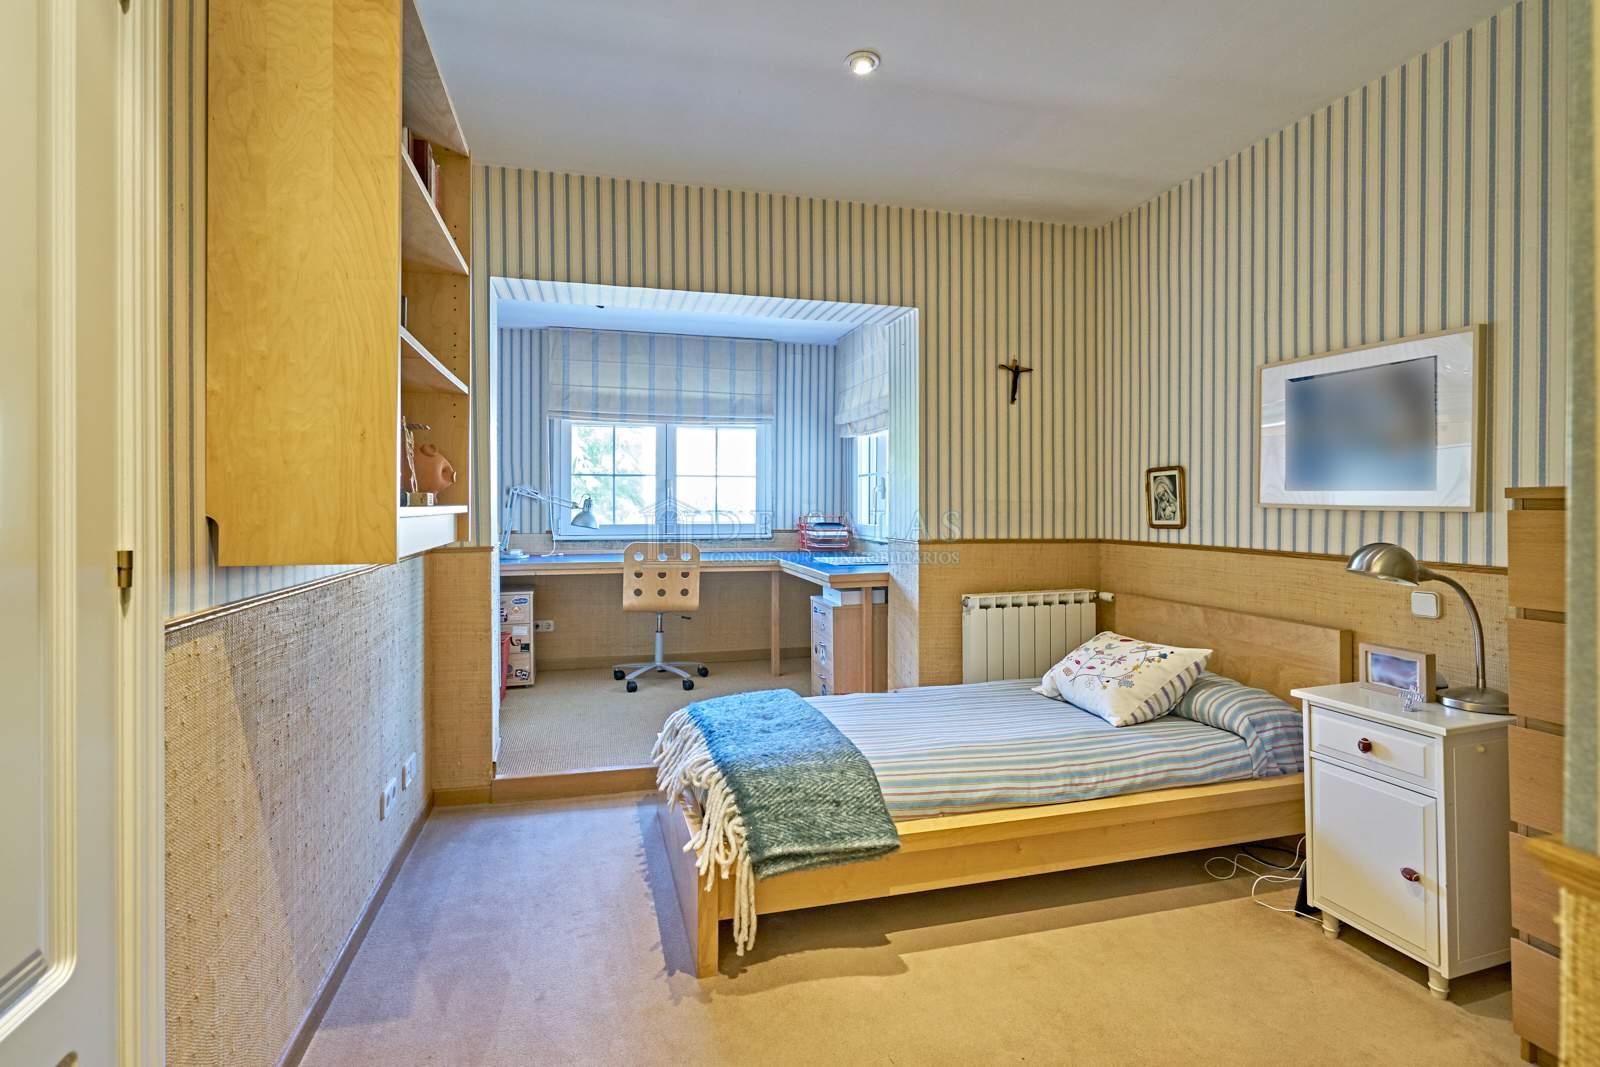 Dormitorio-0021 Maison El Encinar de los Reyes